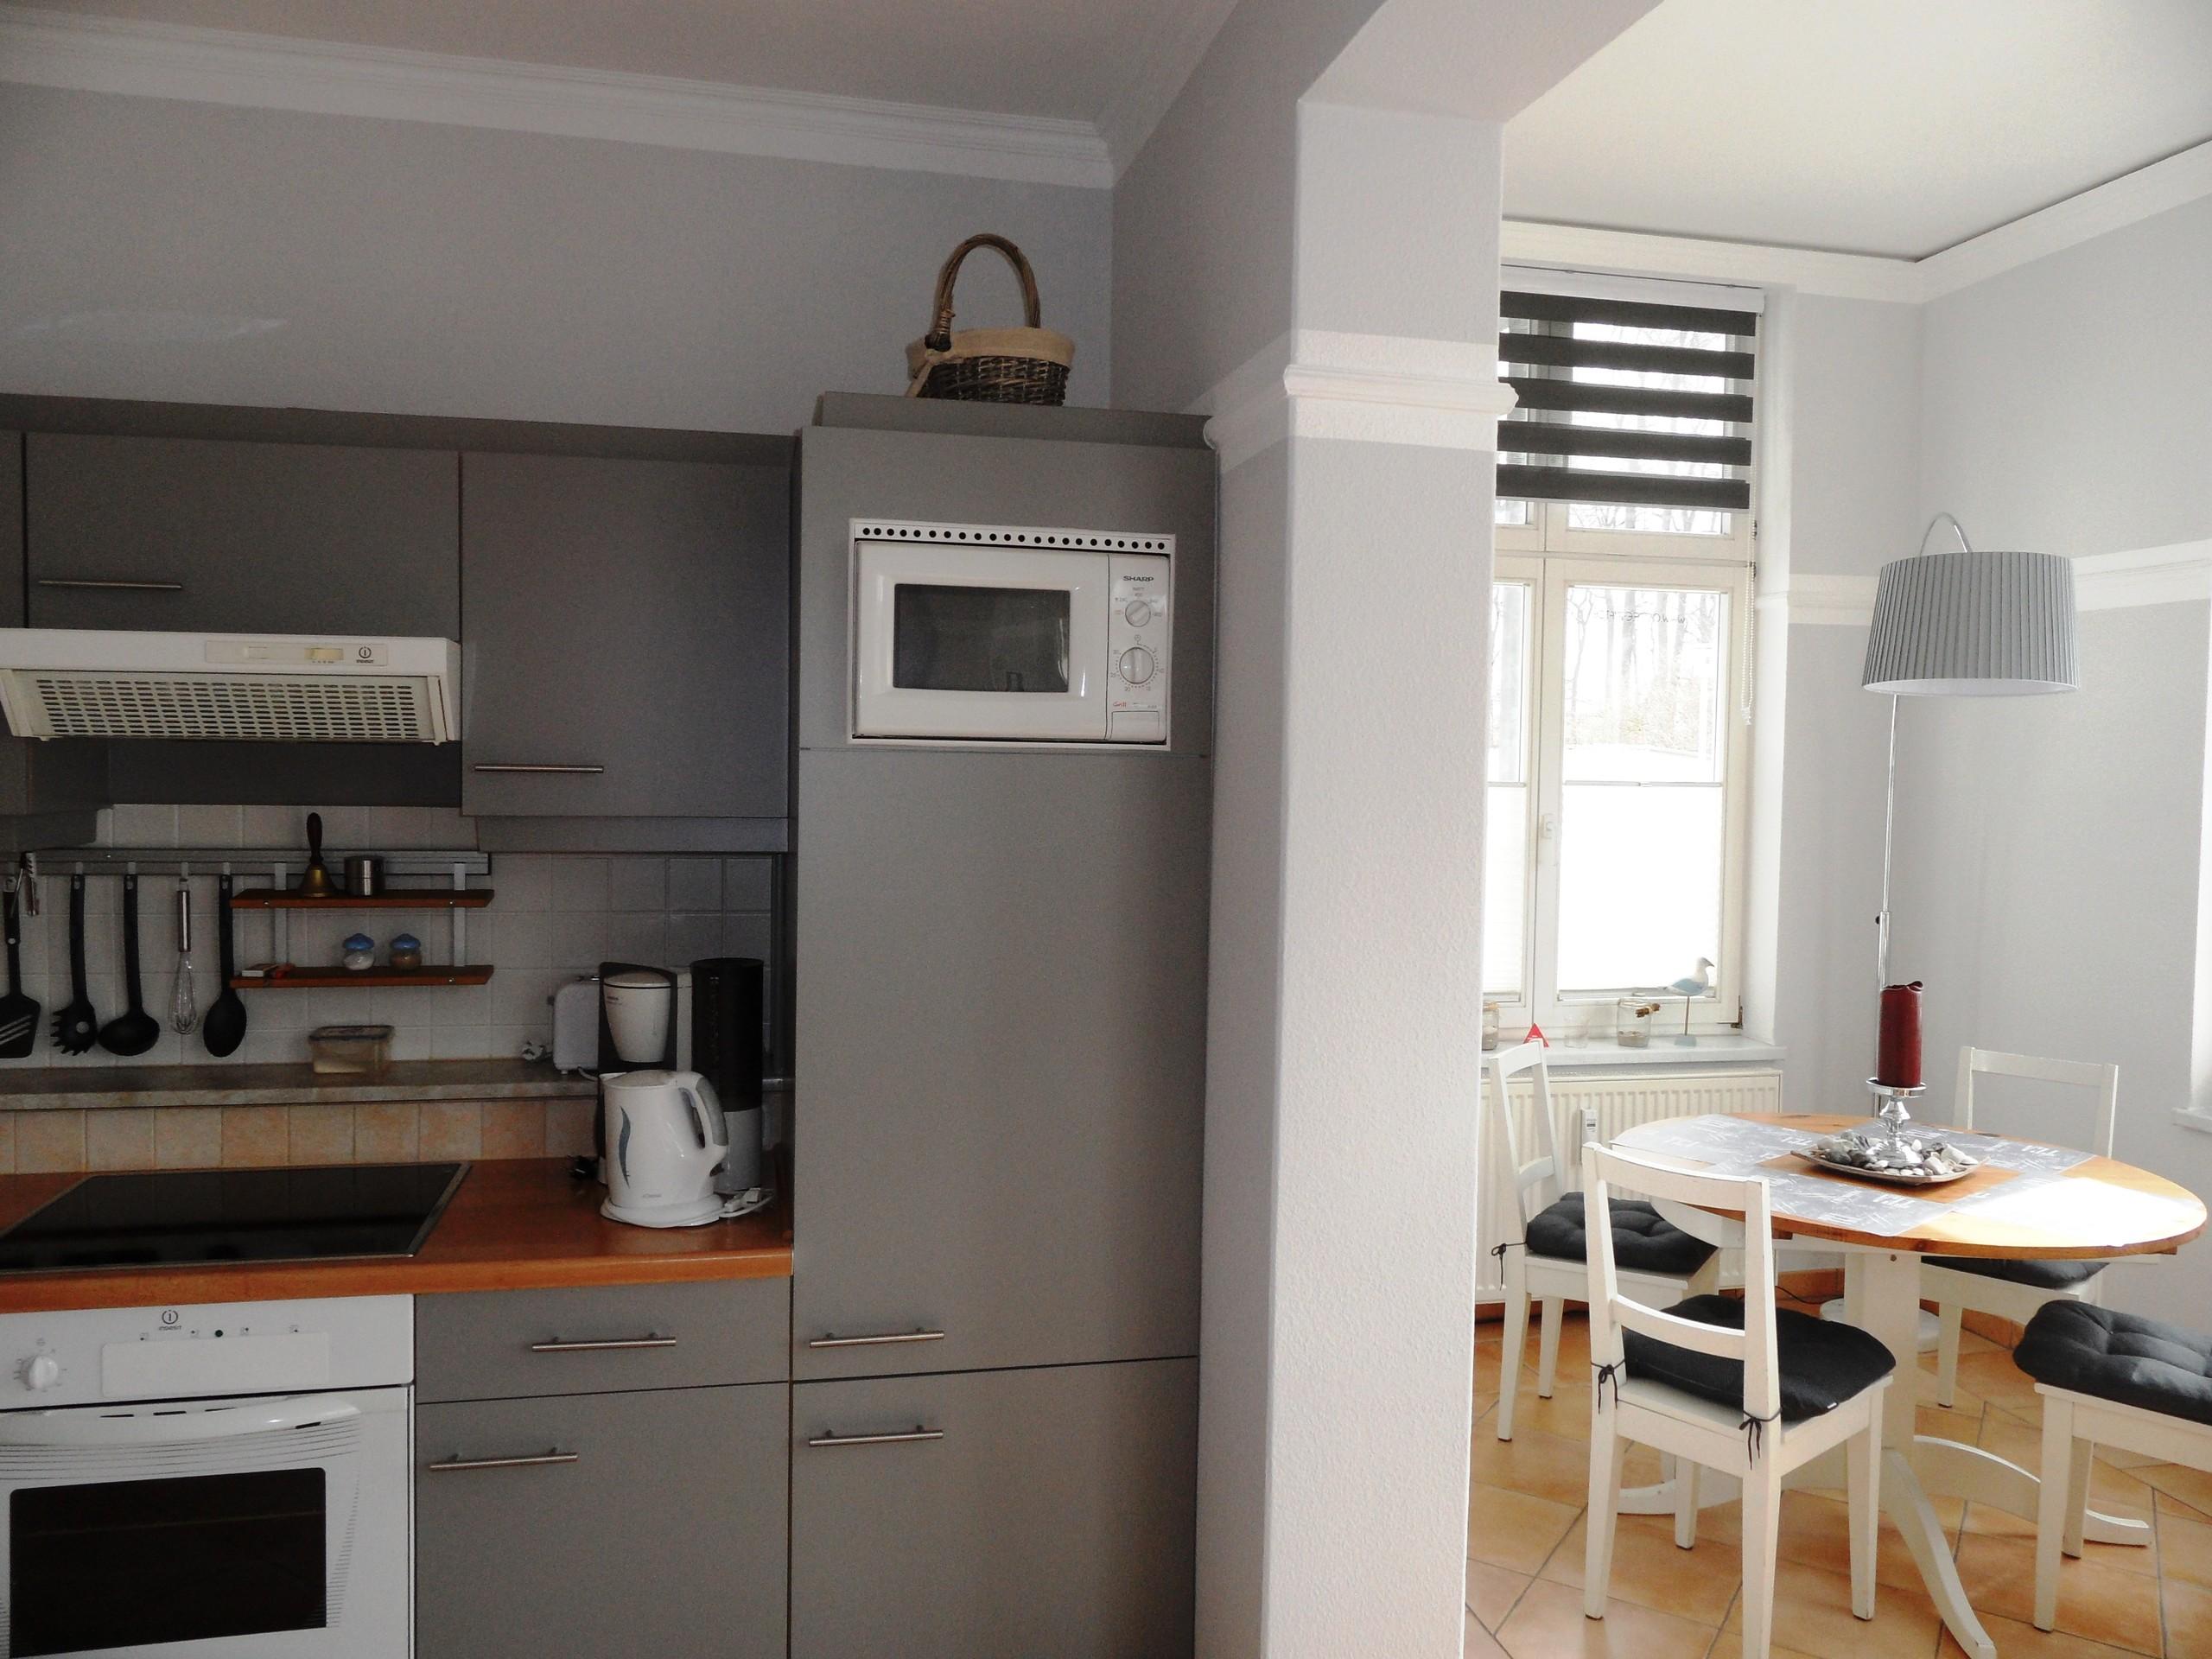 Küche - Esstisch